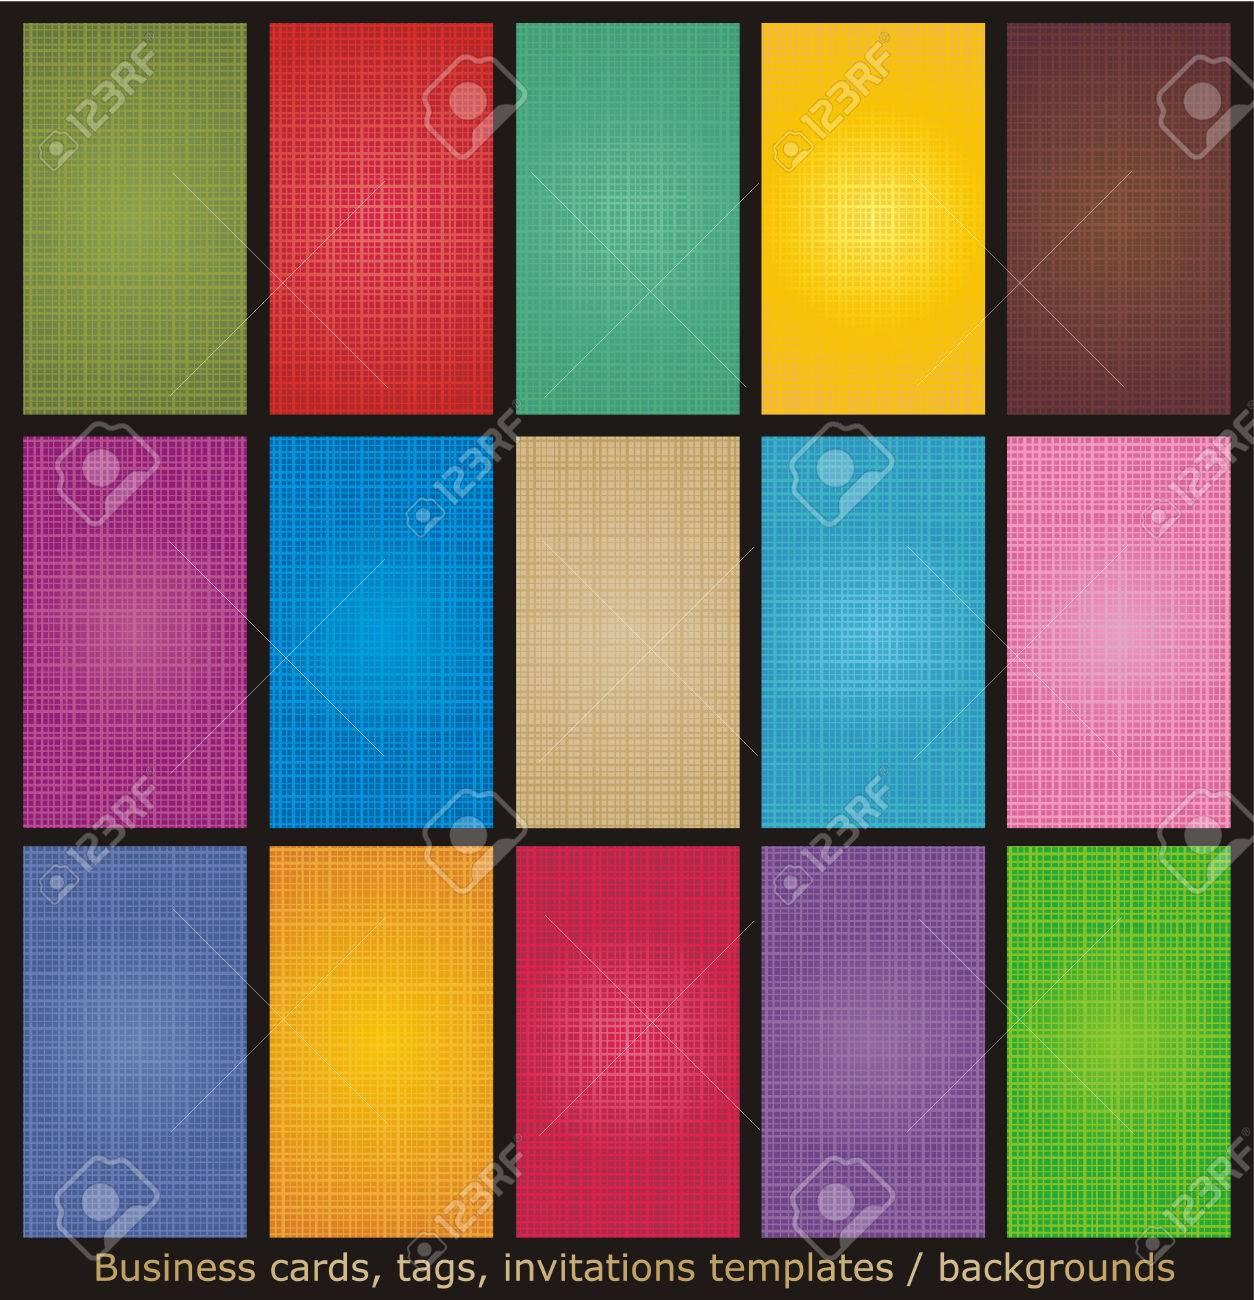 Les Cartes De Visite Tiquettes Invitations Etc Milieux Avec Texture Tissu Visible